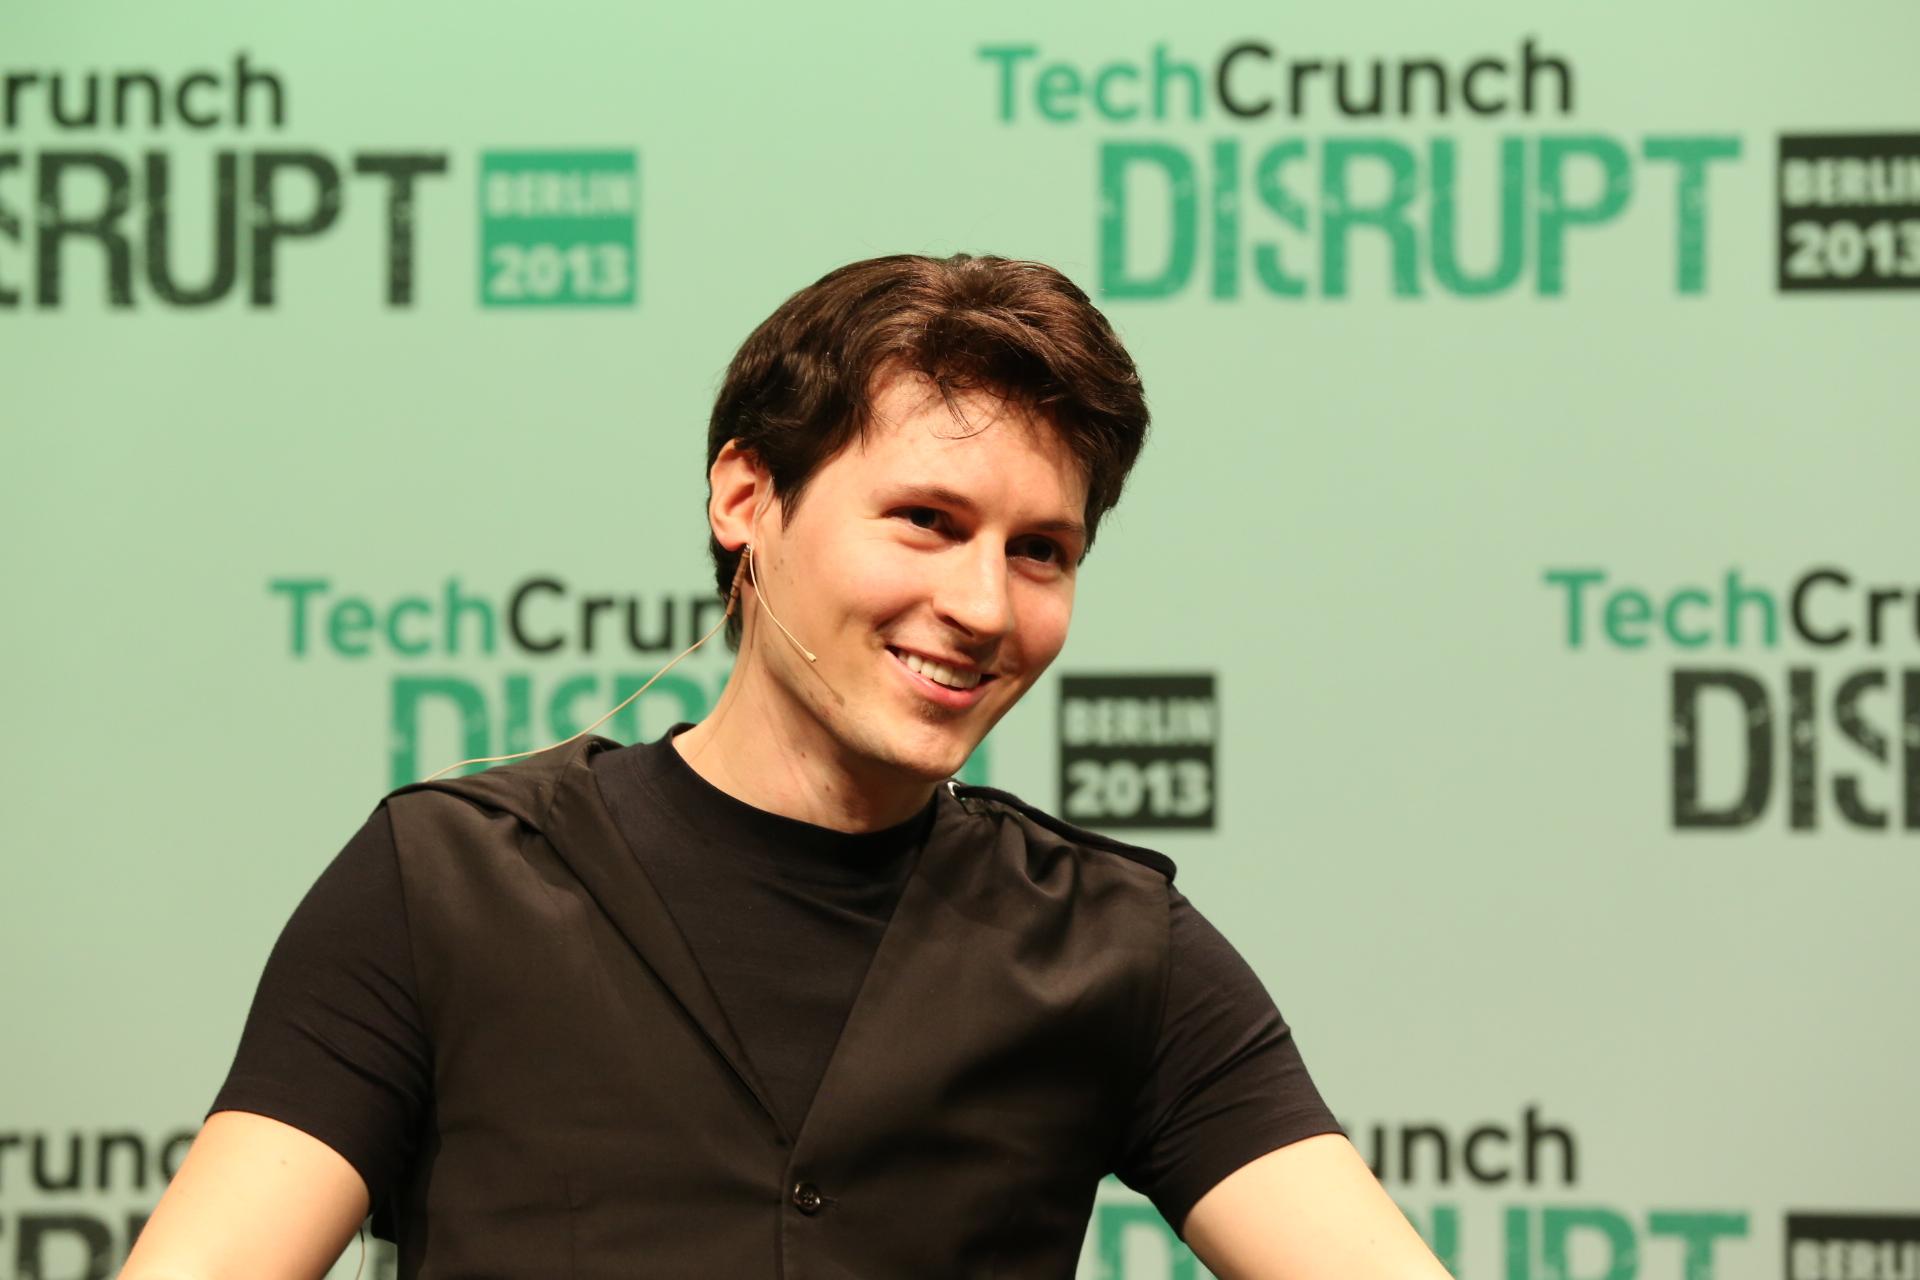 تلگرام ساخت کدام کشور است